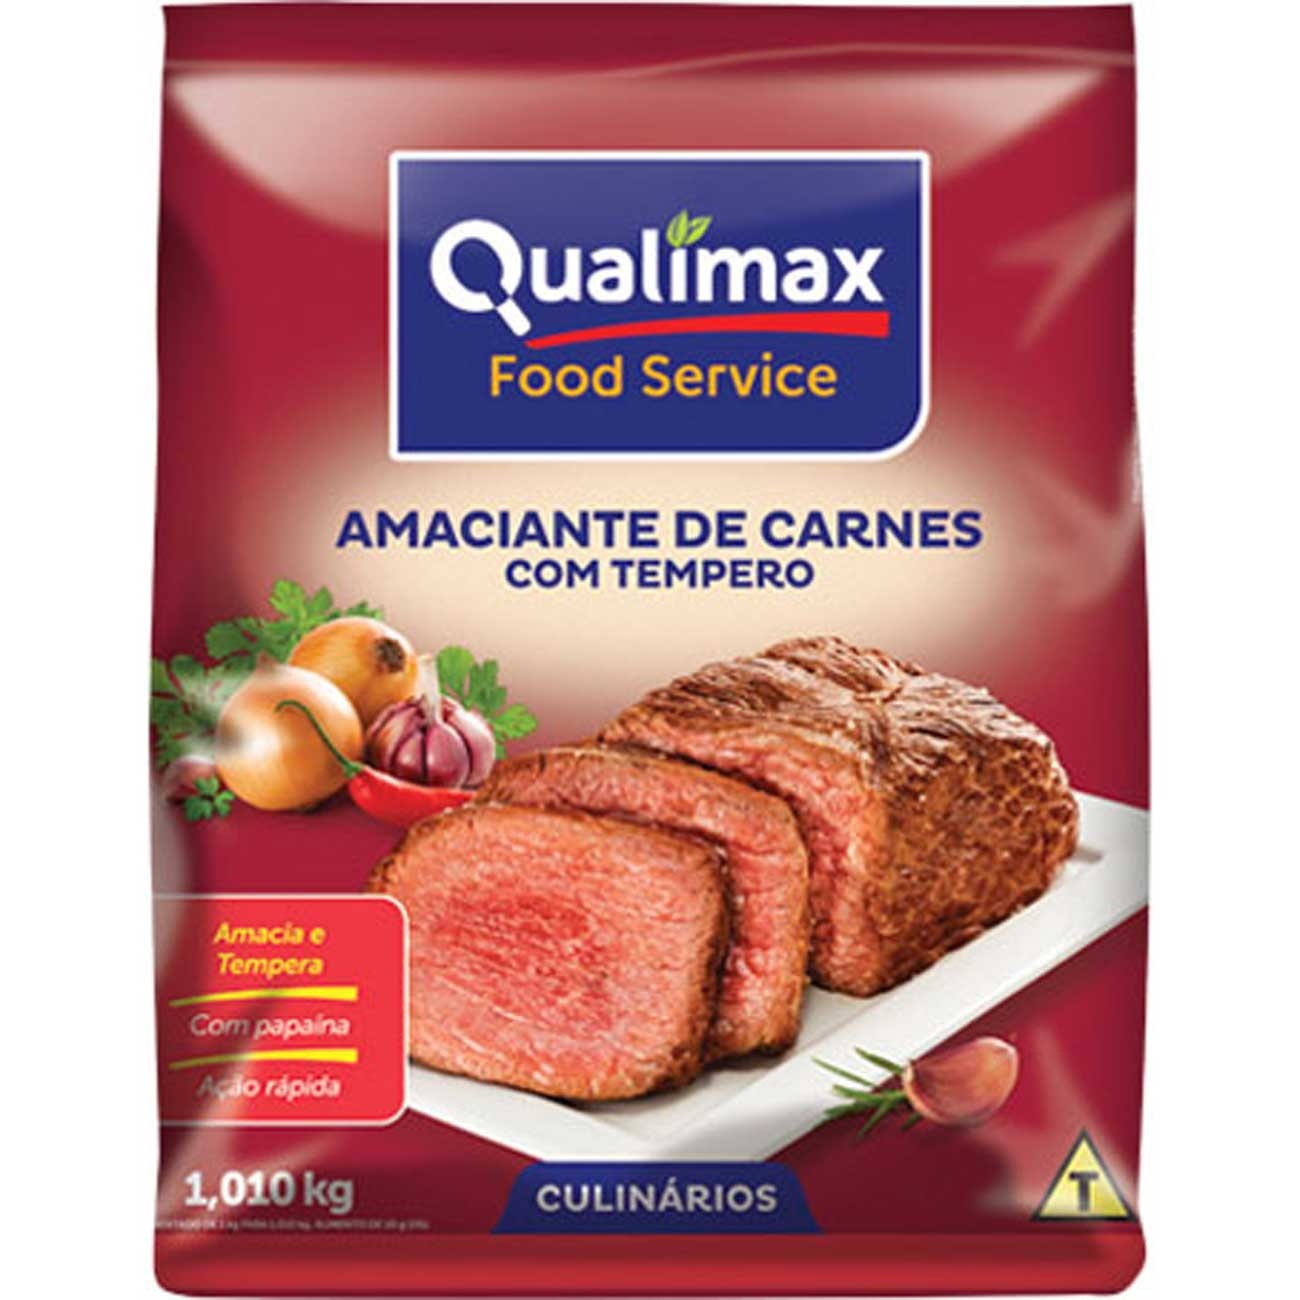 AMACIANTE DE CARNE QUALIMAX 1 KG